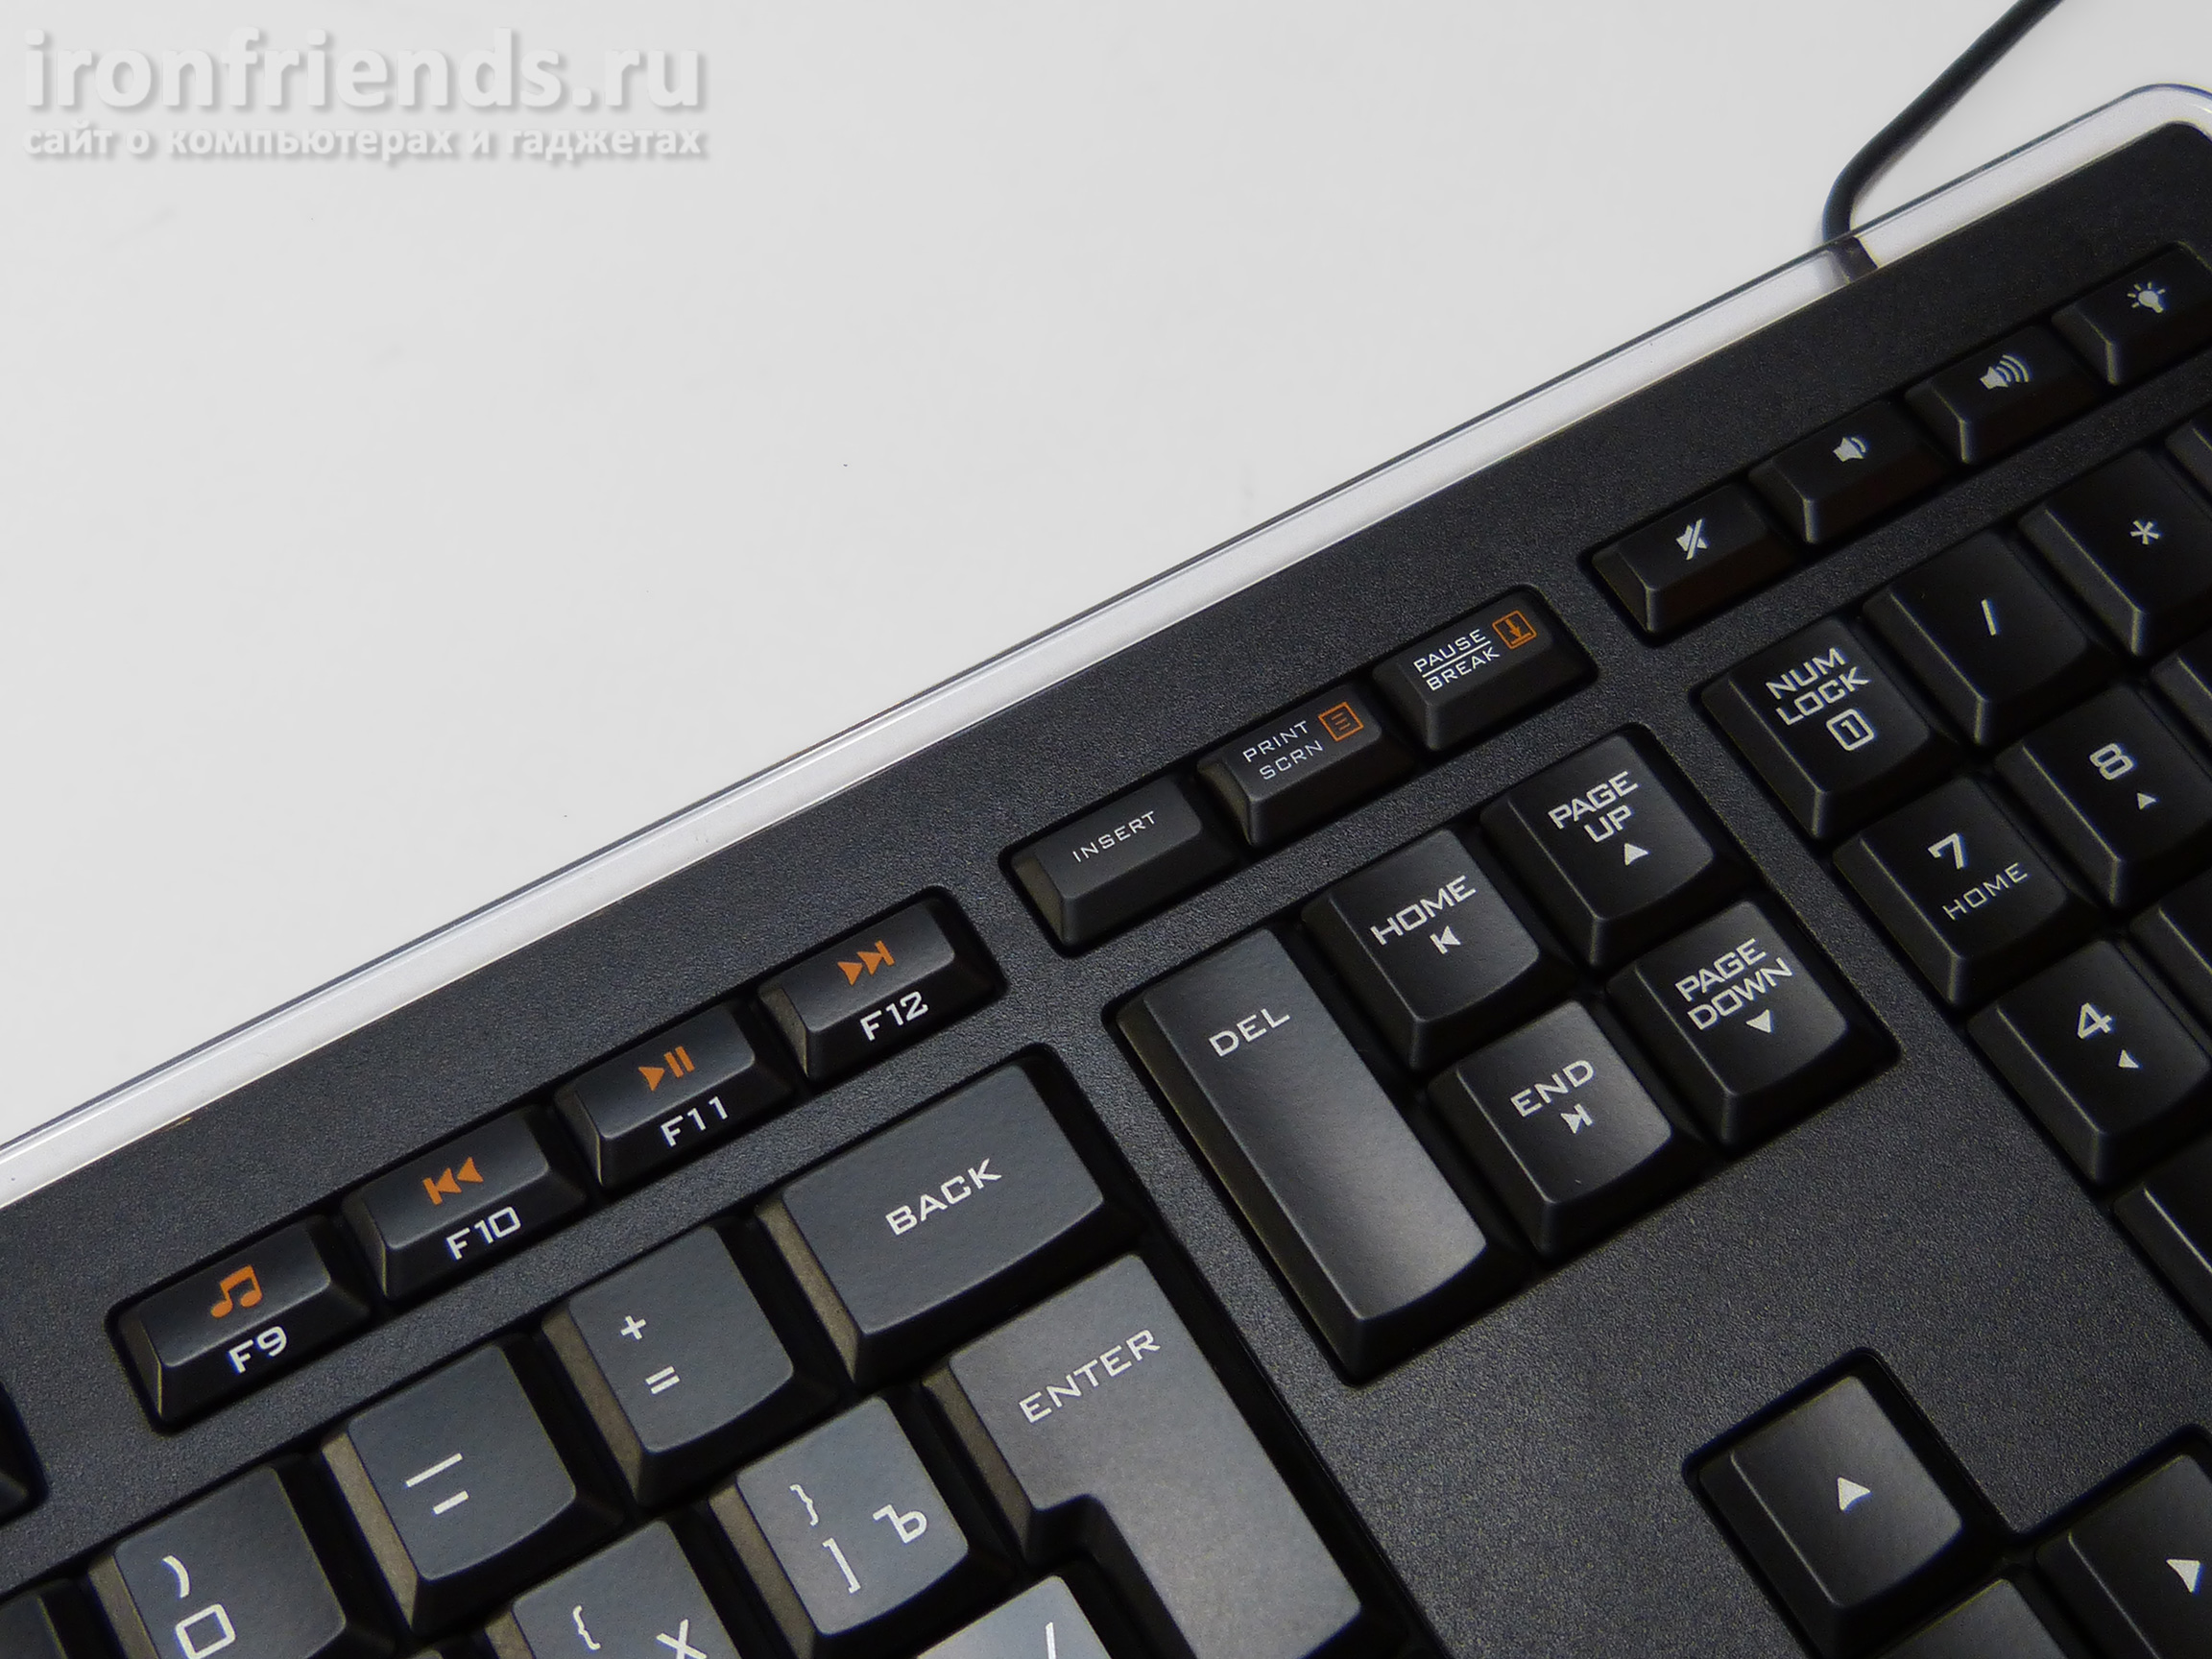 Клавиатура Logitech K740 illuminated